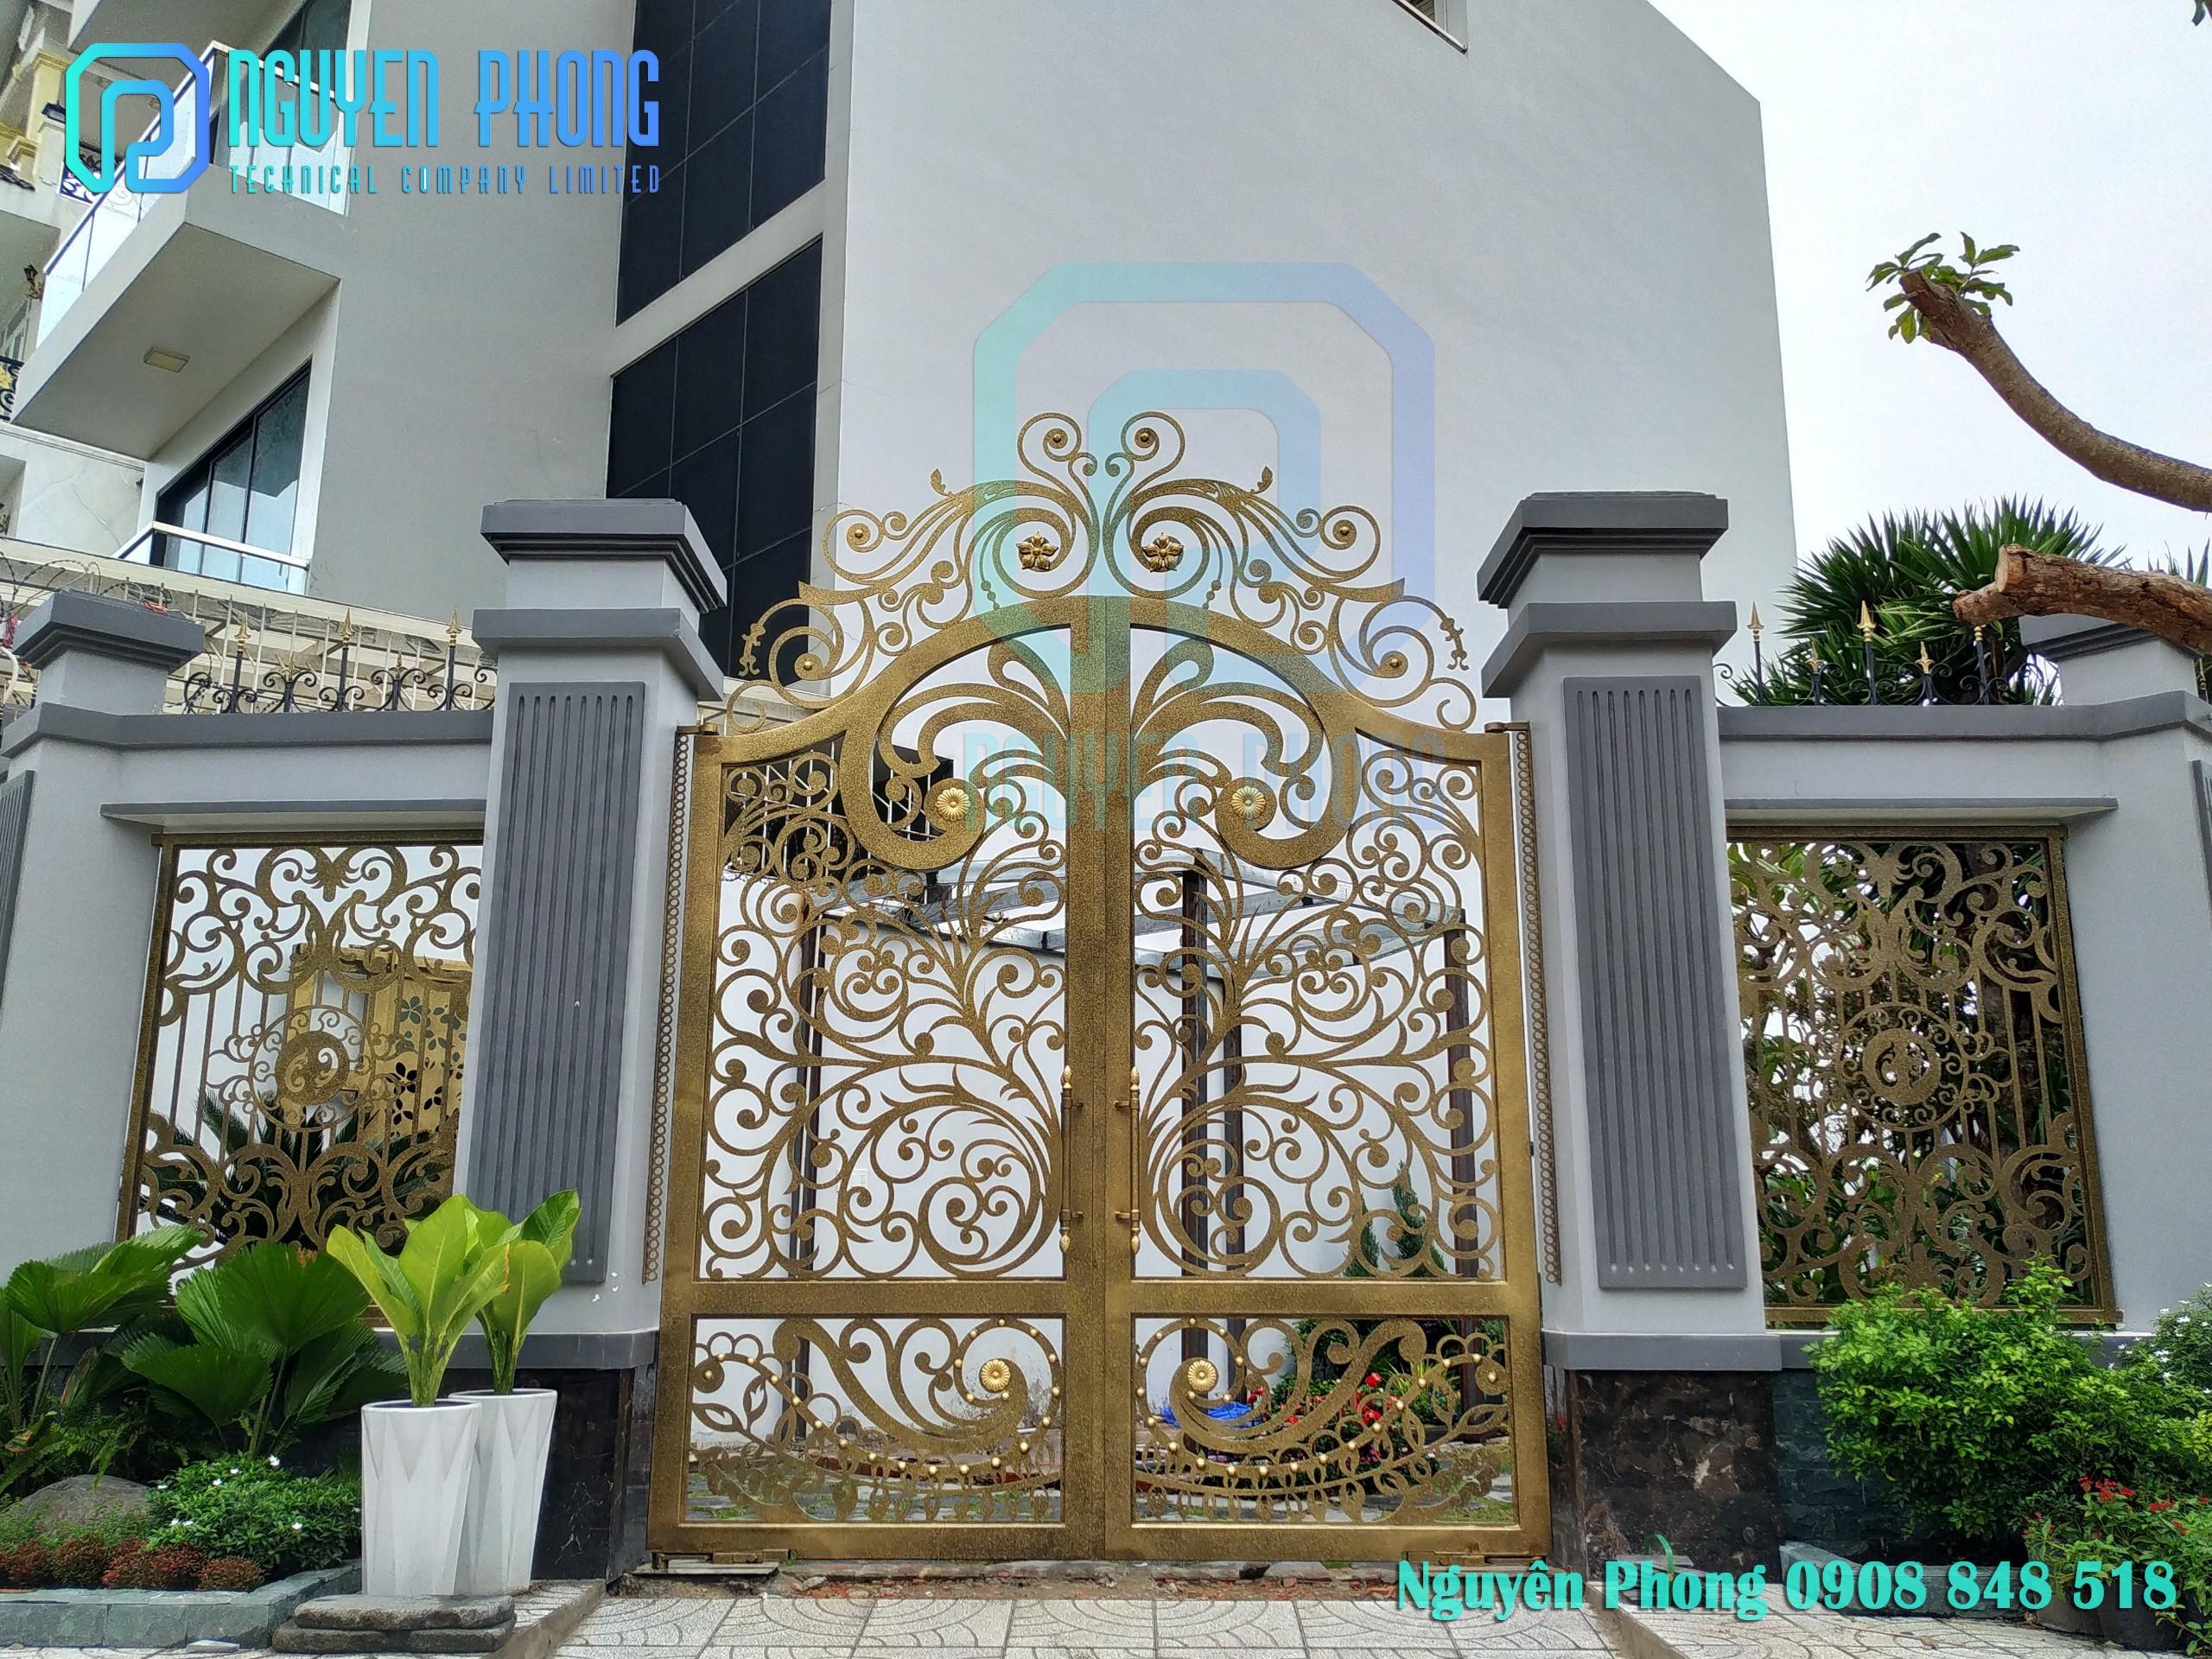 Gia công, thiết kế, thi công cổng, cửa, lan can, hàng rào sắt mỹ thuật cho biệt thự, nhà phố